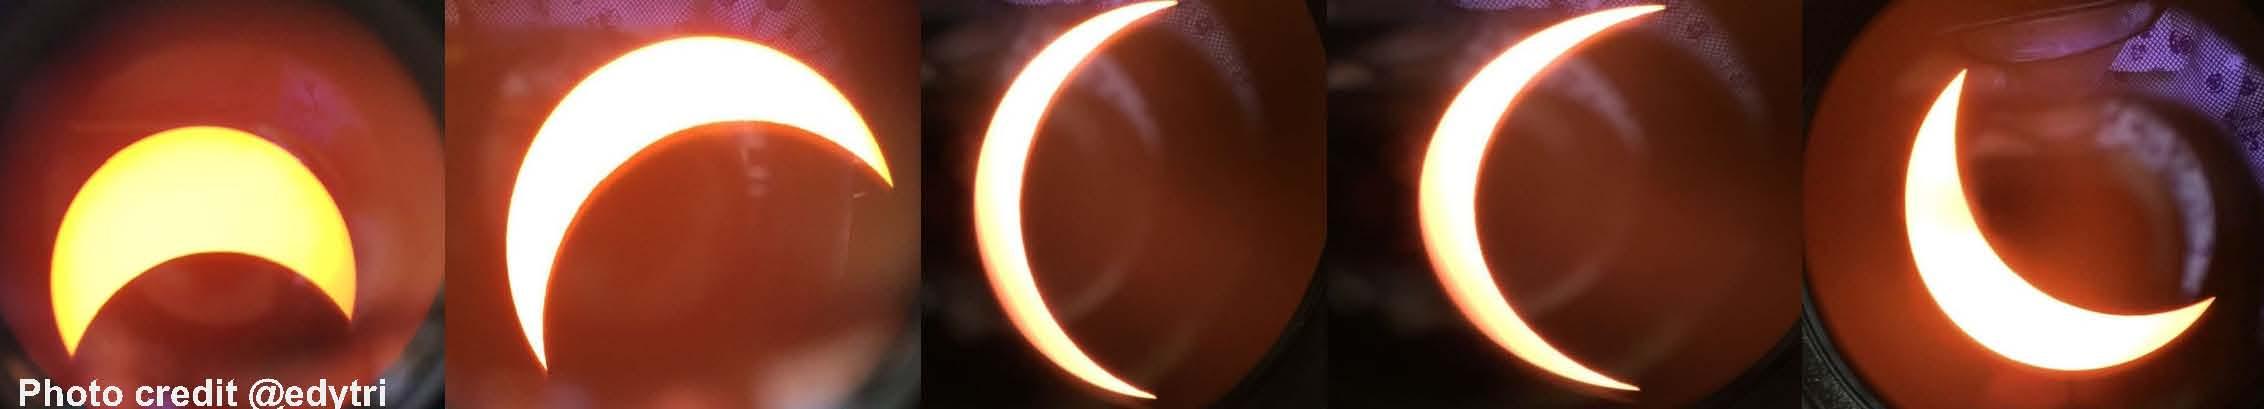 Gerhana matahari total gabungan_Page_1